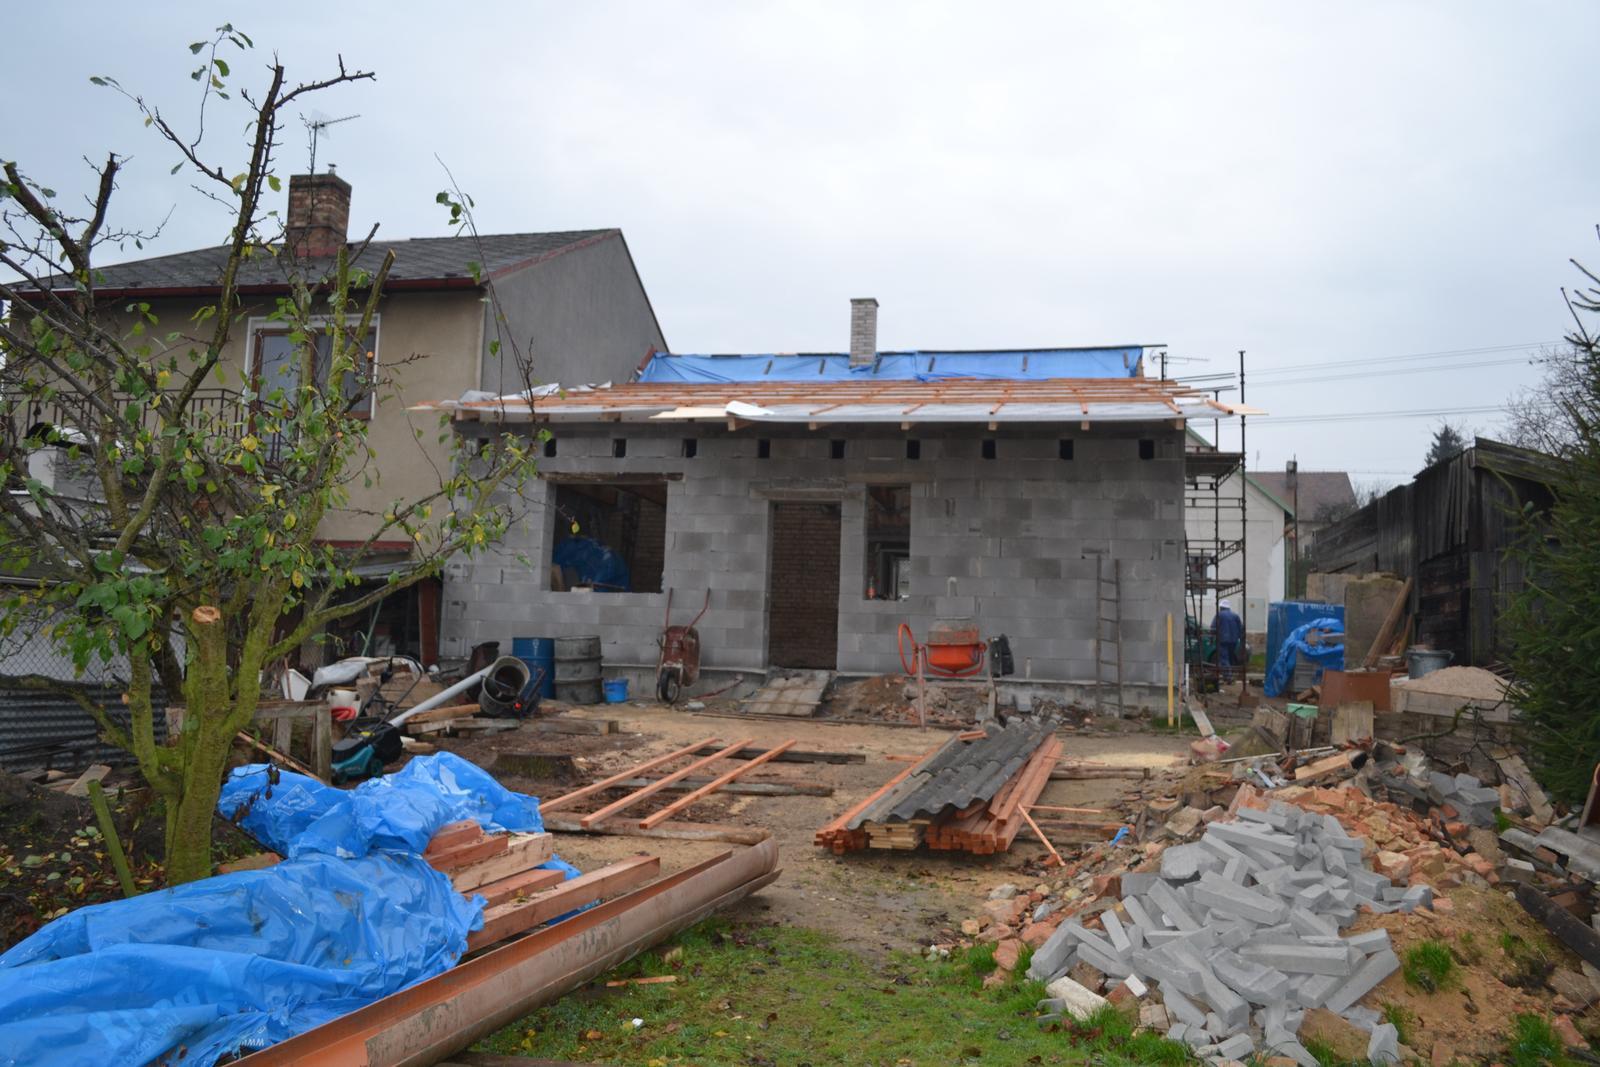 Domeček rekonstruujeme pro rodiče - už nám tam neprší